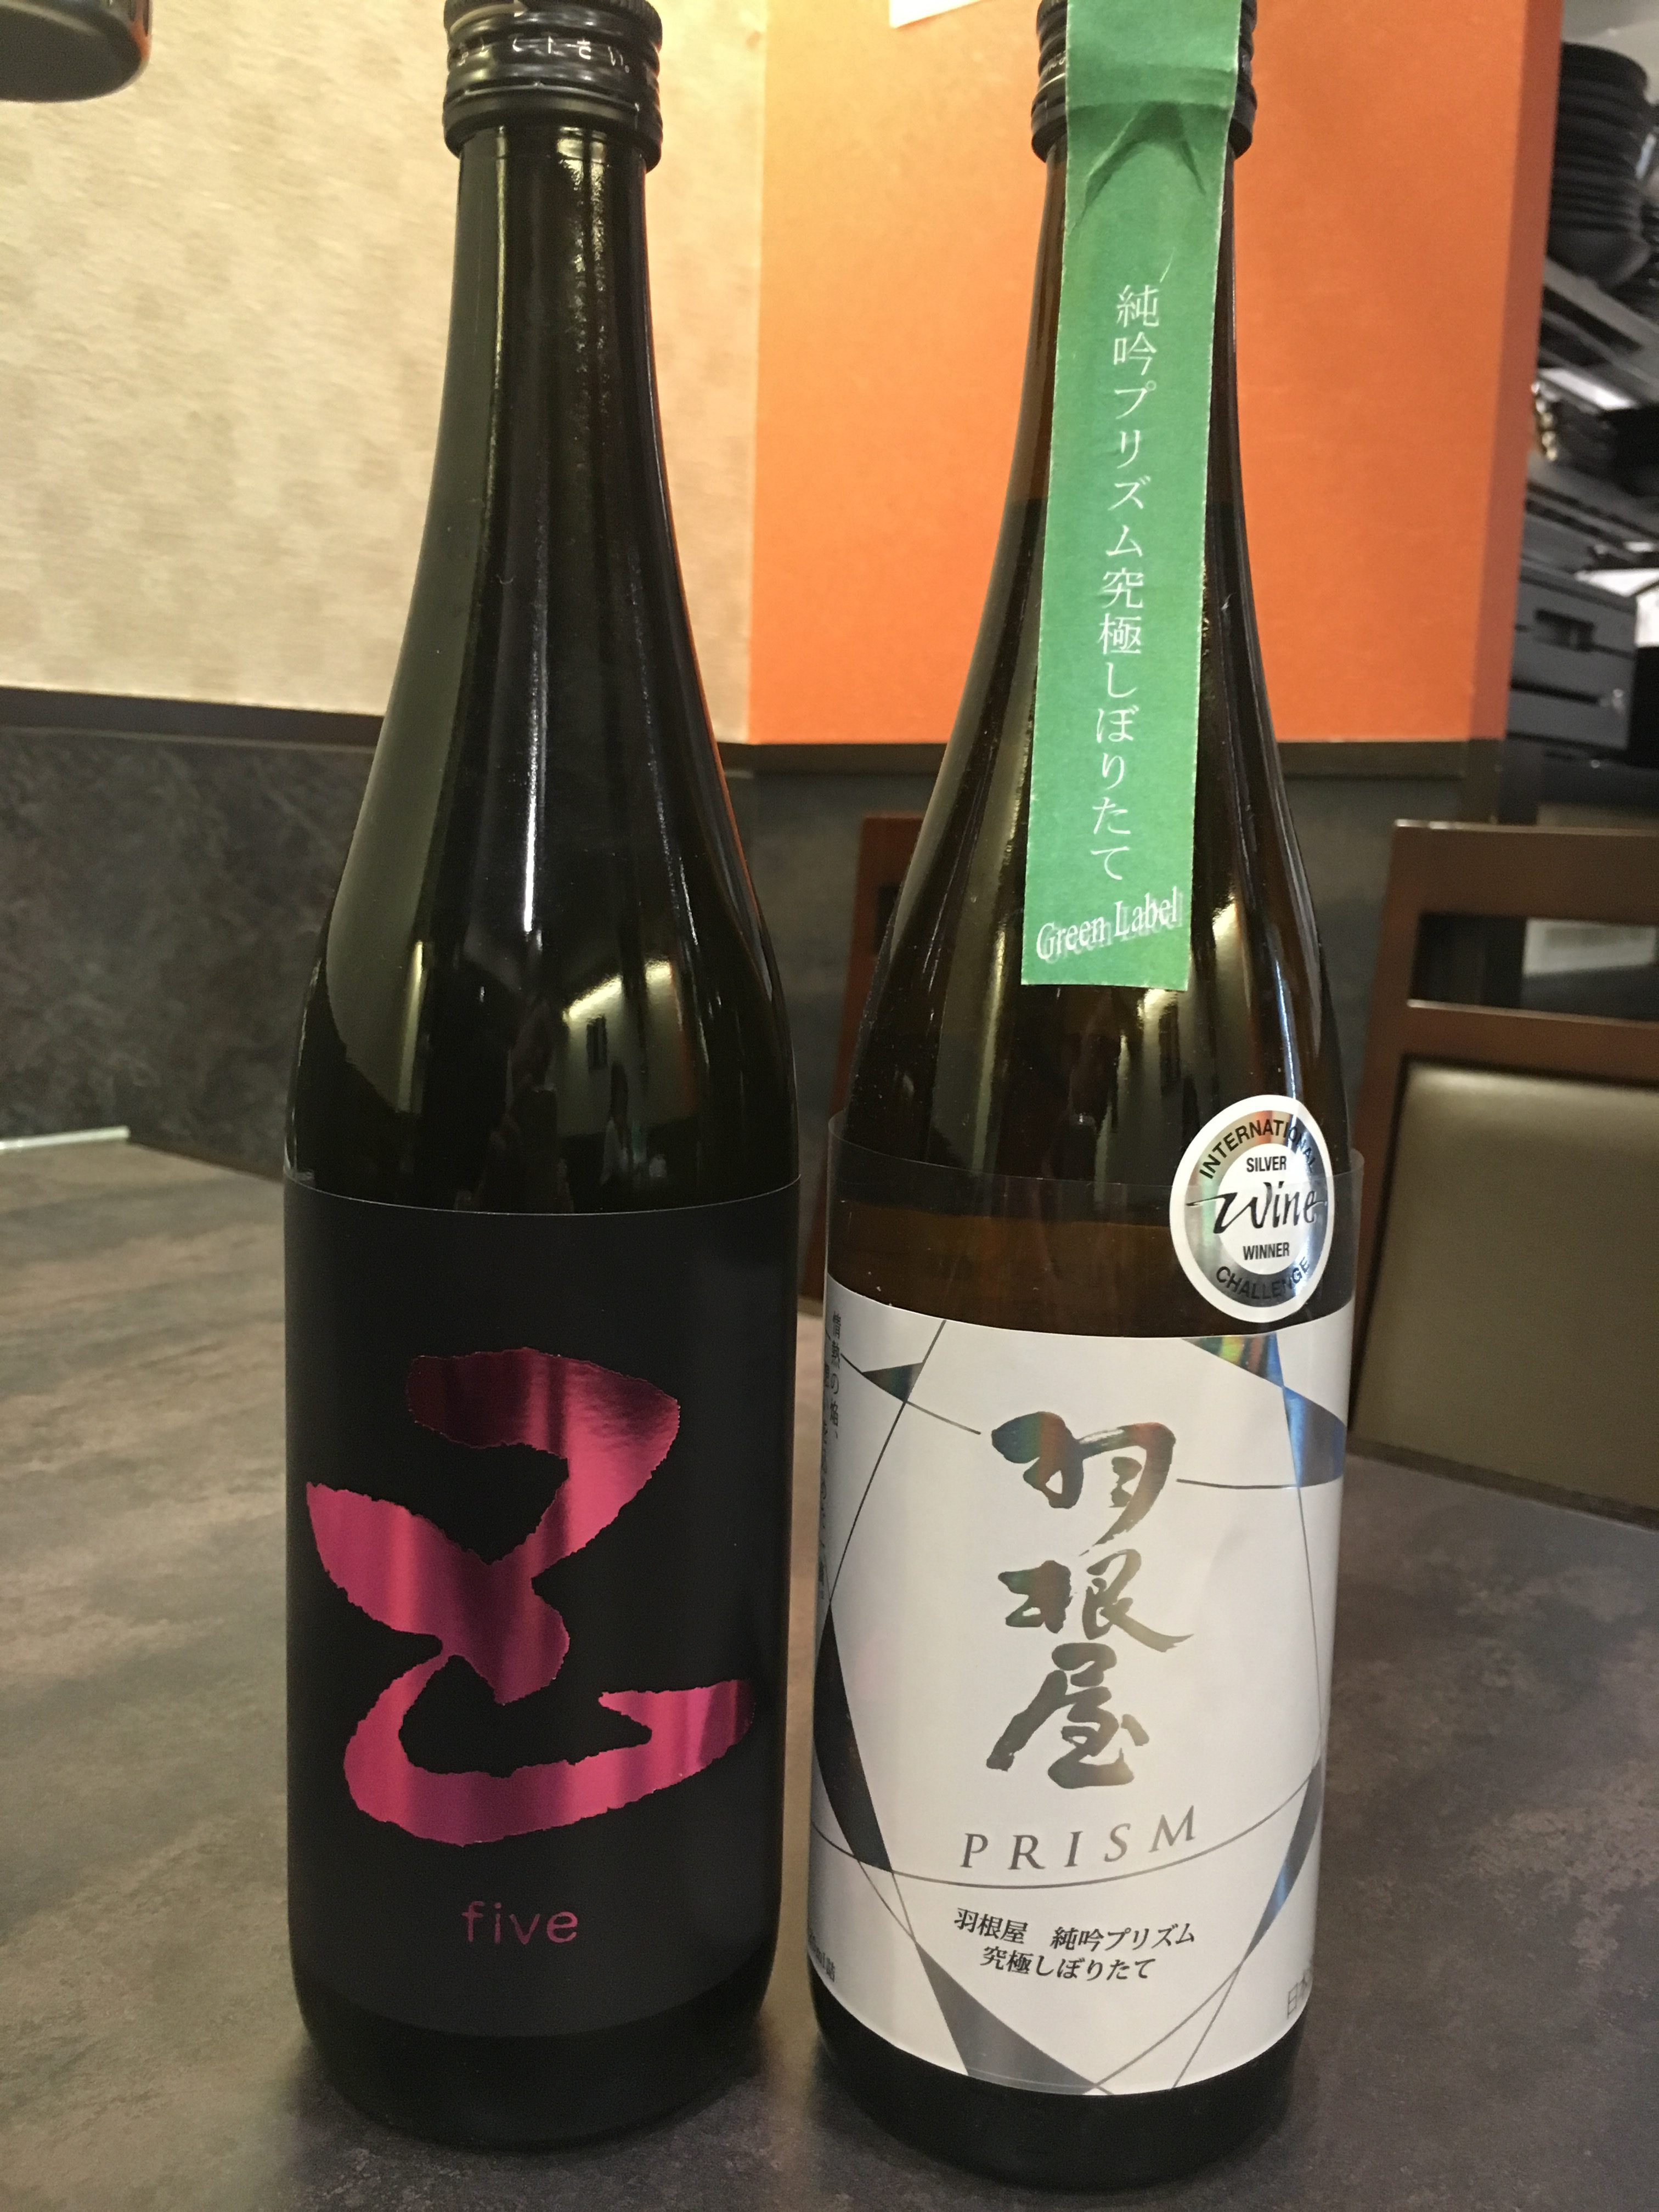 日本酒 五橋five/羽根屋純吟プリズム